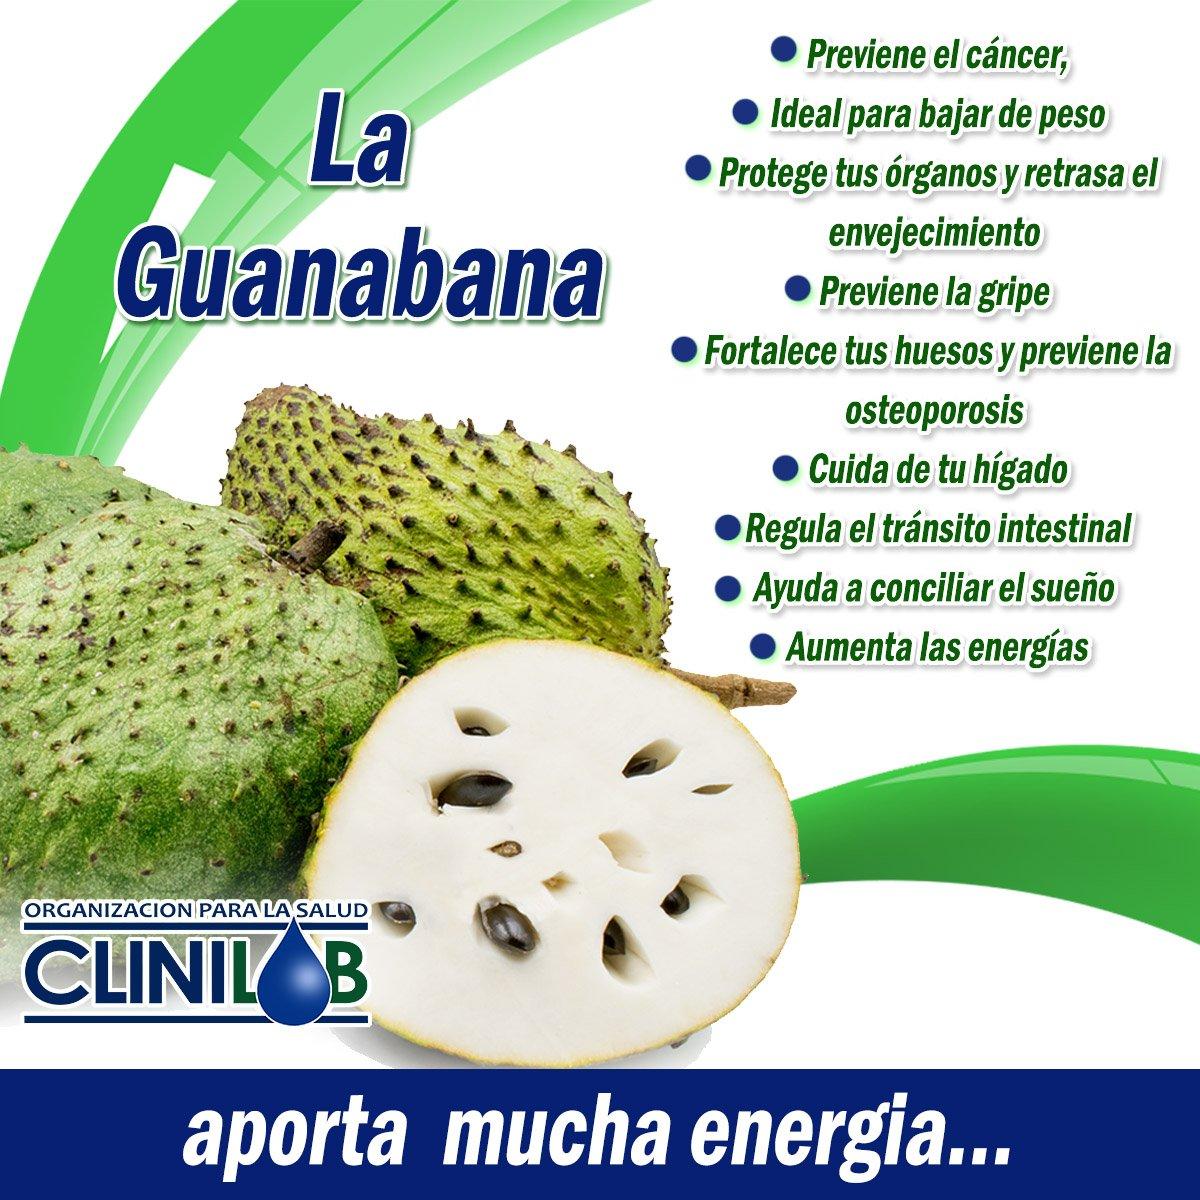 Beneficios de la guanabana en la salud